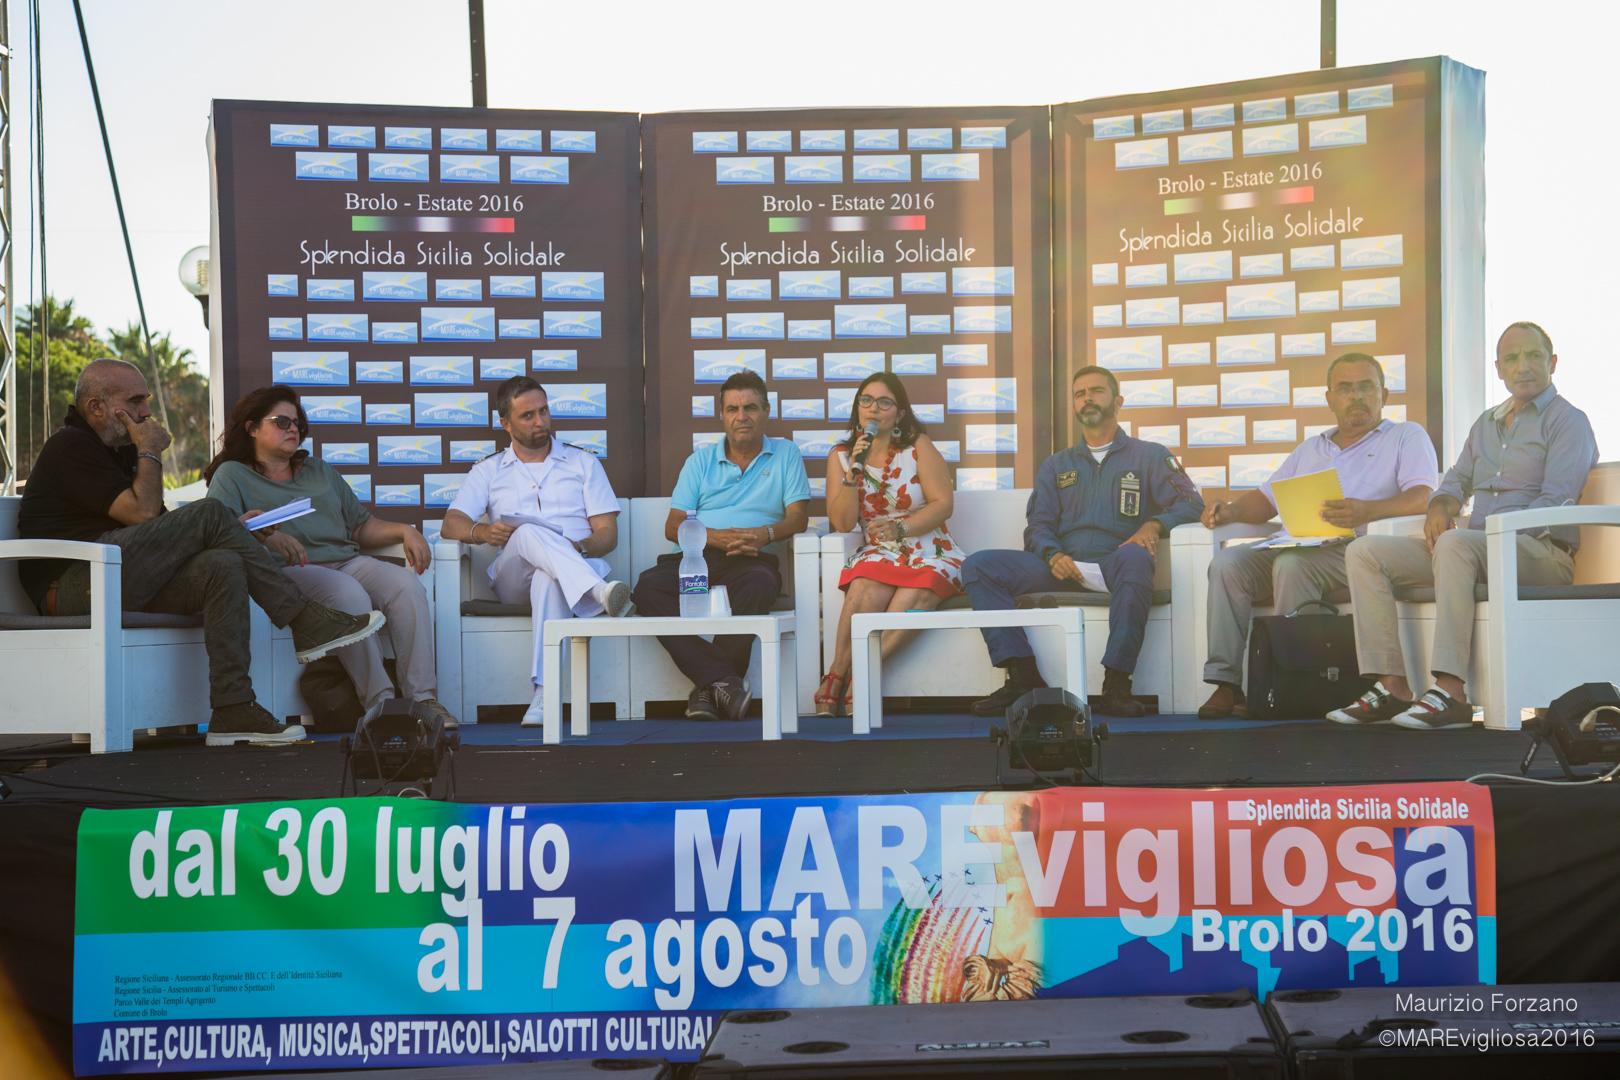 Conferenza stampa Frecce tricolori su BroloConferenza stampa Frecce tricolori su Brolo